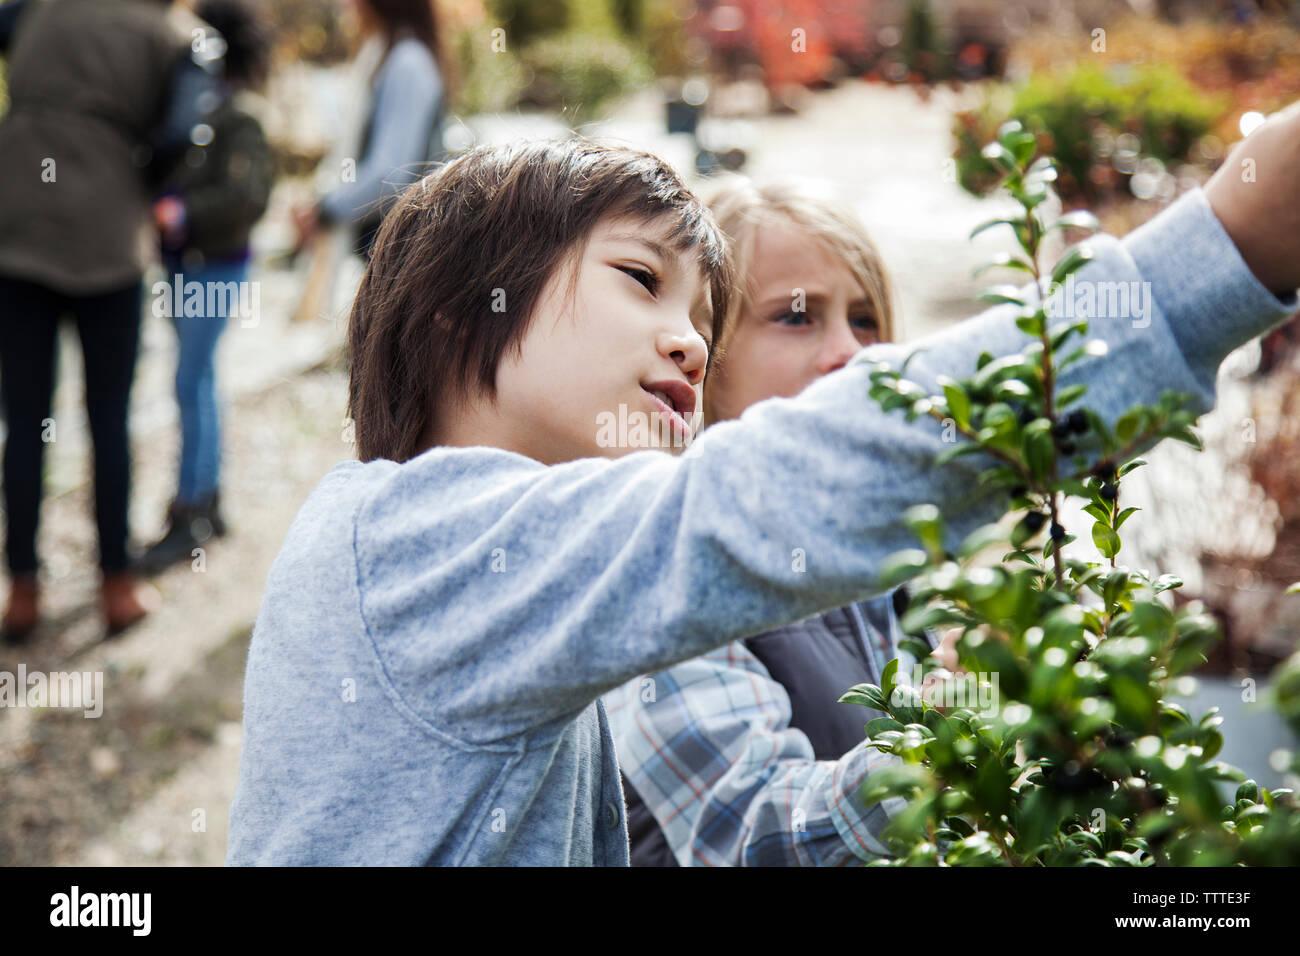 Les garçons curieux examinent les plantes pendant le voyage Photo Stock